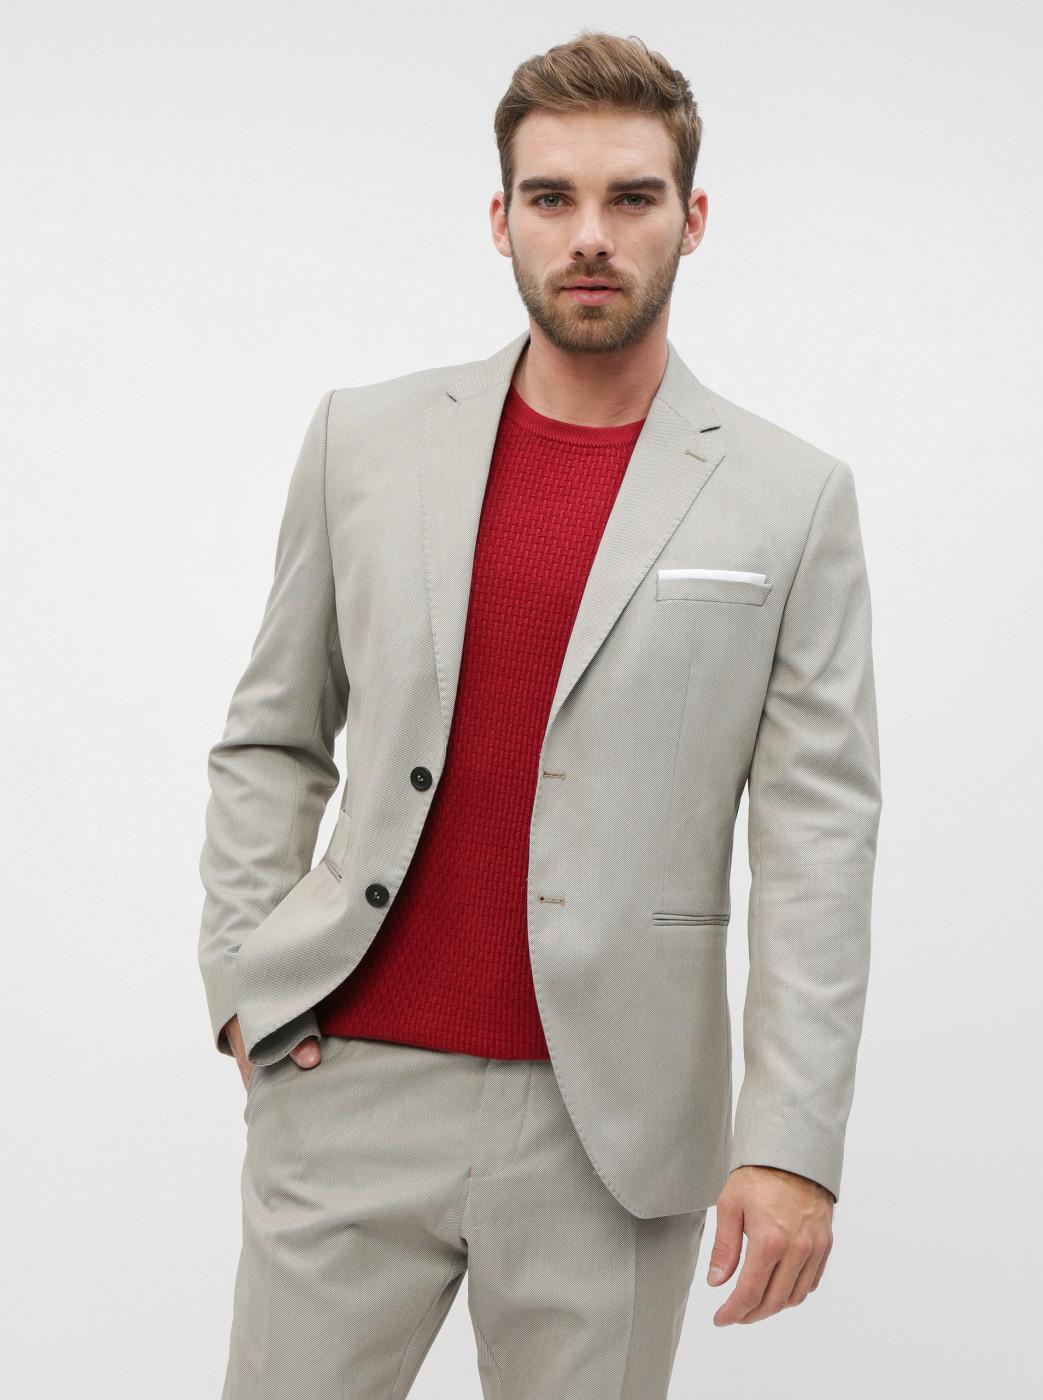 Beige Suit Slim Fit Jacket Selected By Homme Maze Saint